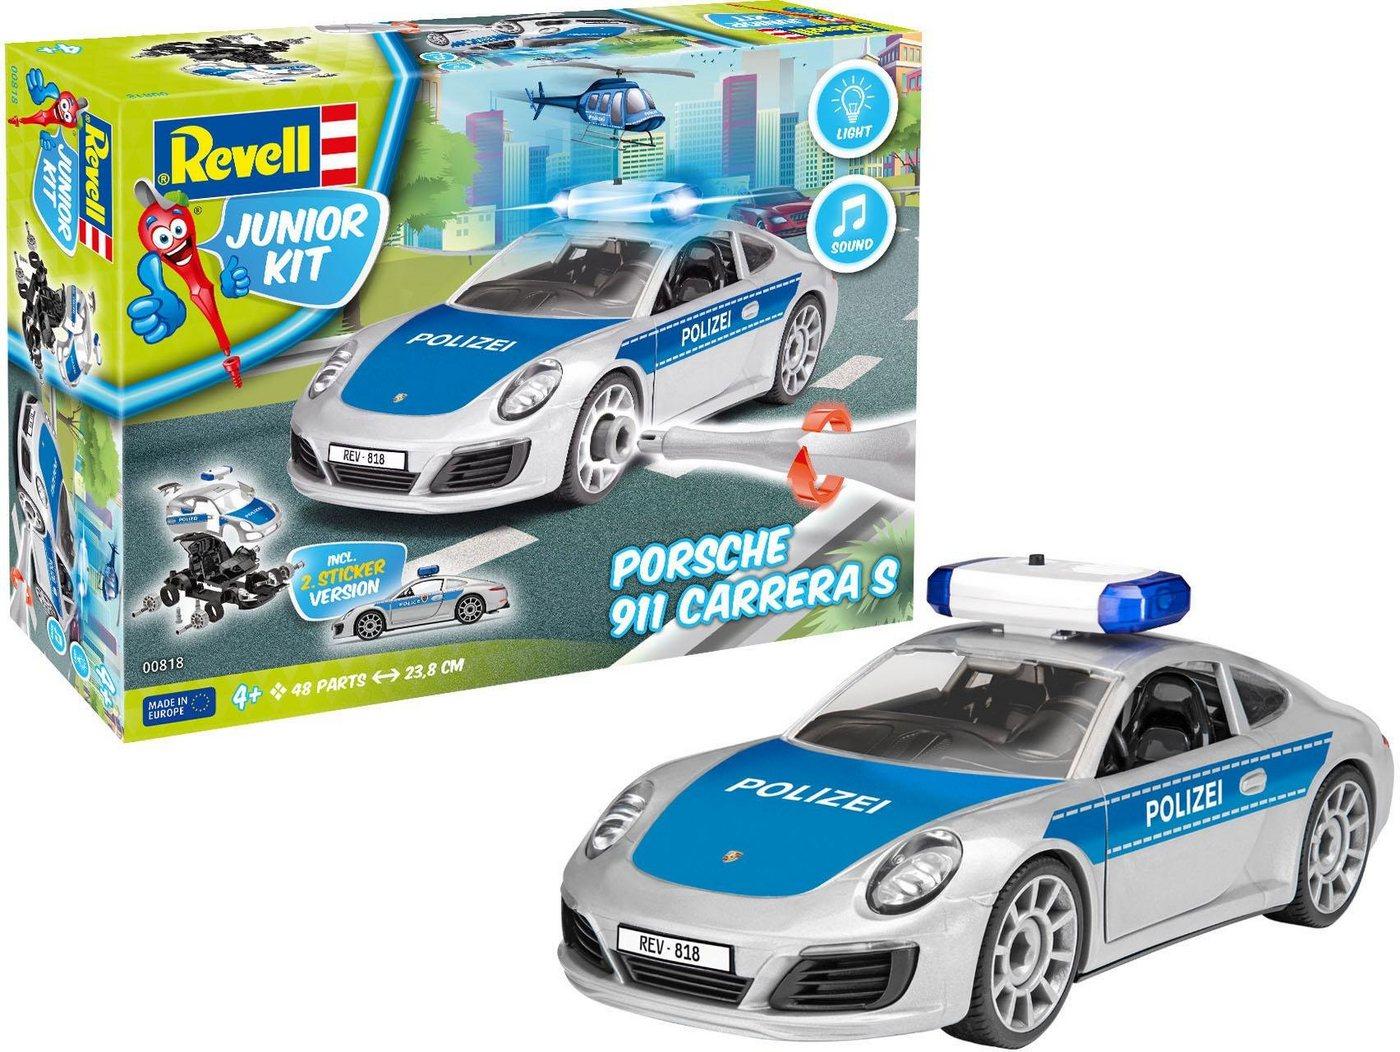 Revell Modellbausatz Auto mit Licht und Sound, »Junior Kit Porsche 911 Polizei«